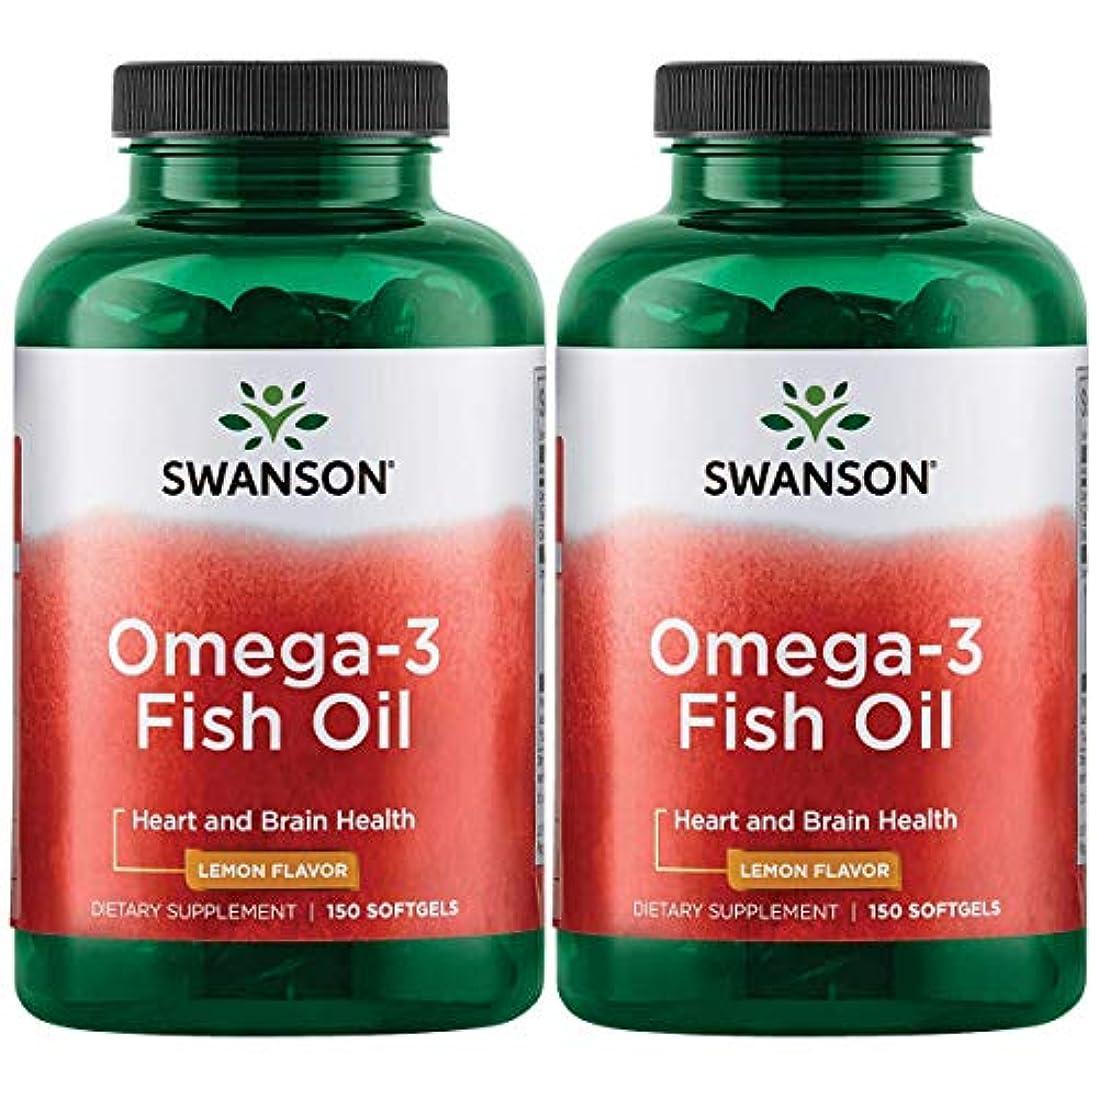 素晴らしいです写真を描く季節Swanson Omega 3 Fish Oil EPA + DHA Lemon Flavor 150粒×2個